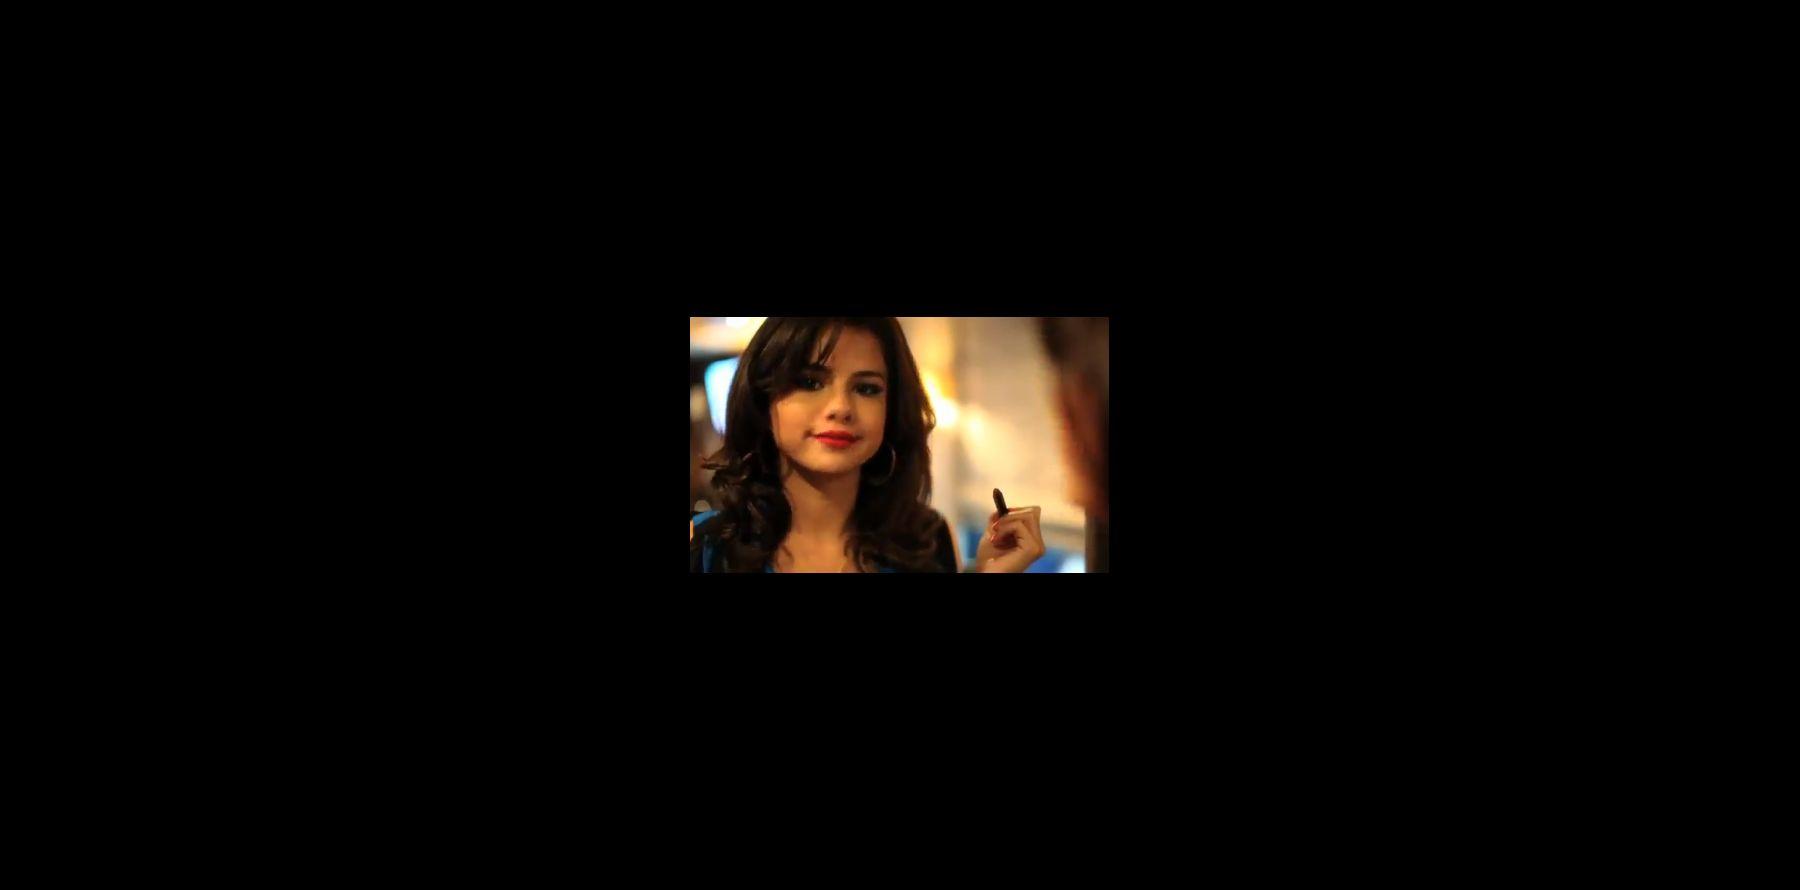 Selena Gomez est-elle de plus en plus sulfureuse ? Vu son